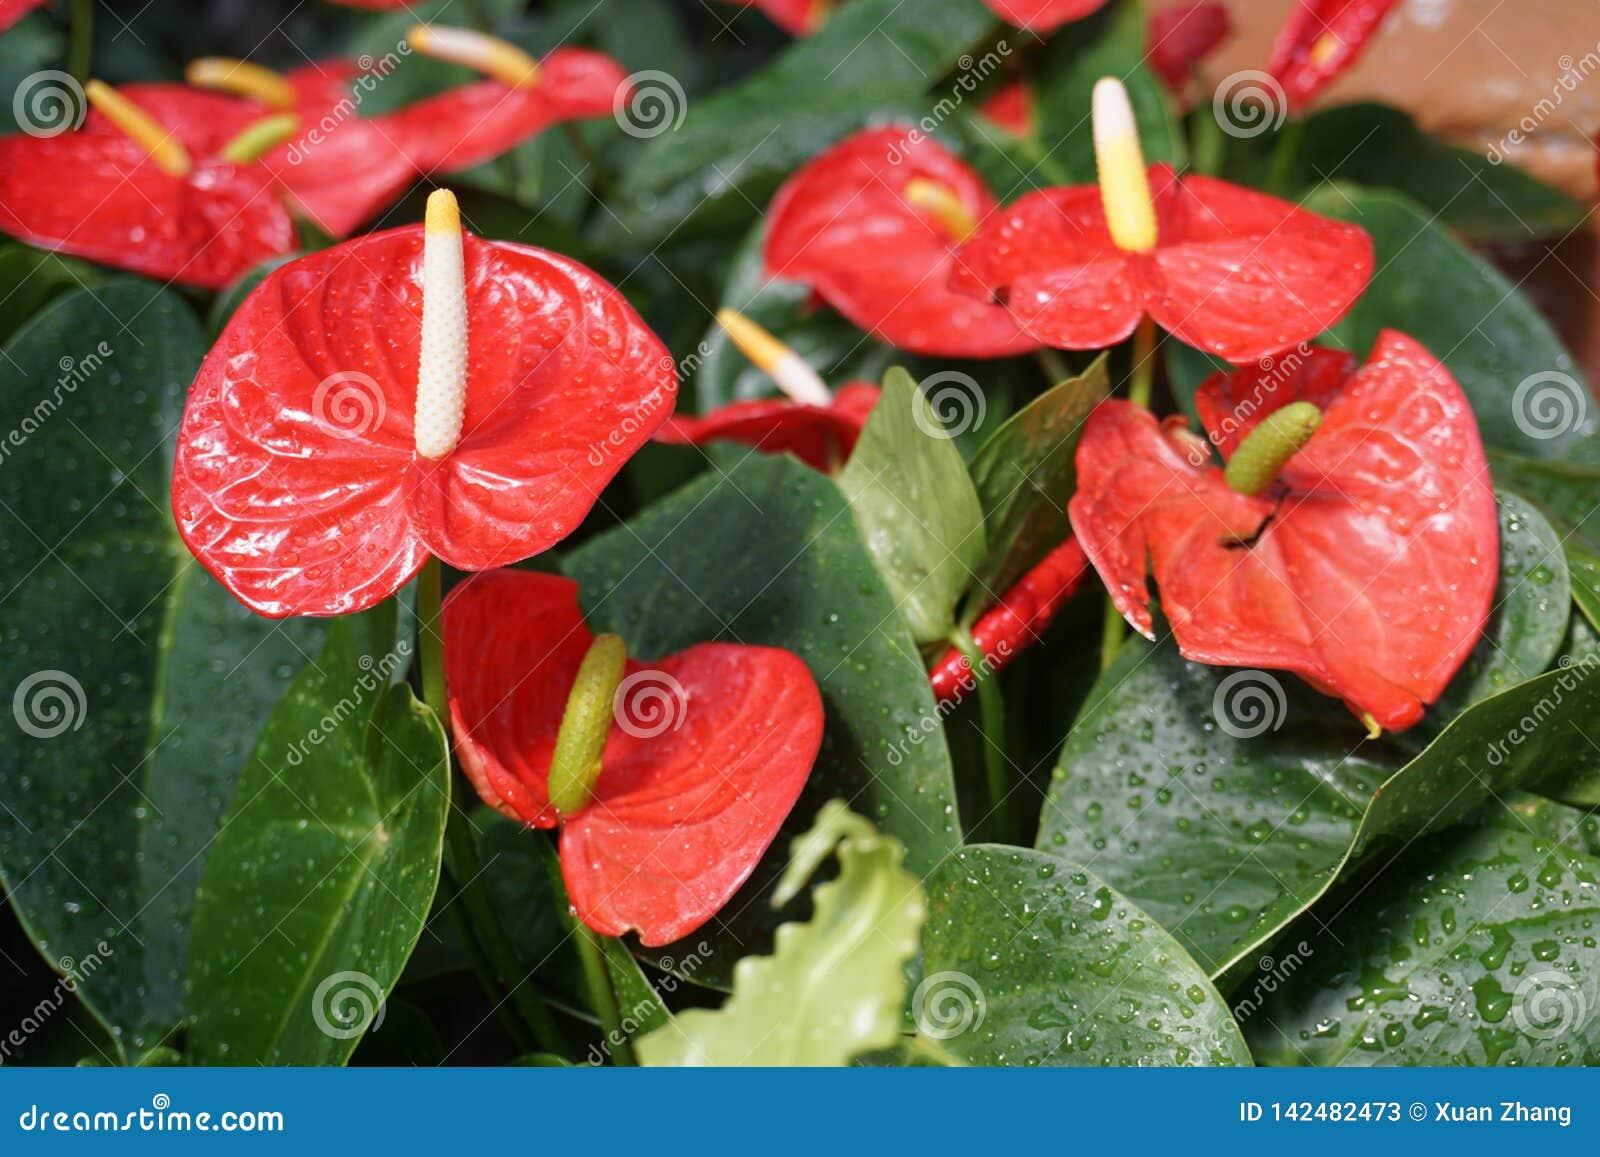 Esto es una flor llamada Anthurium